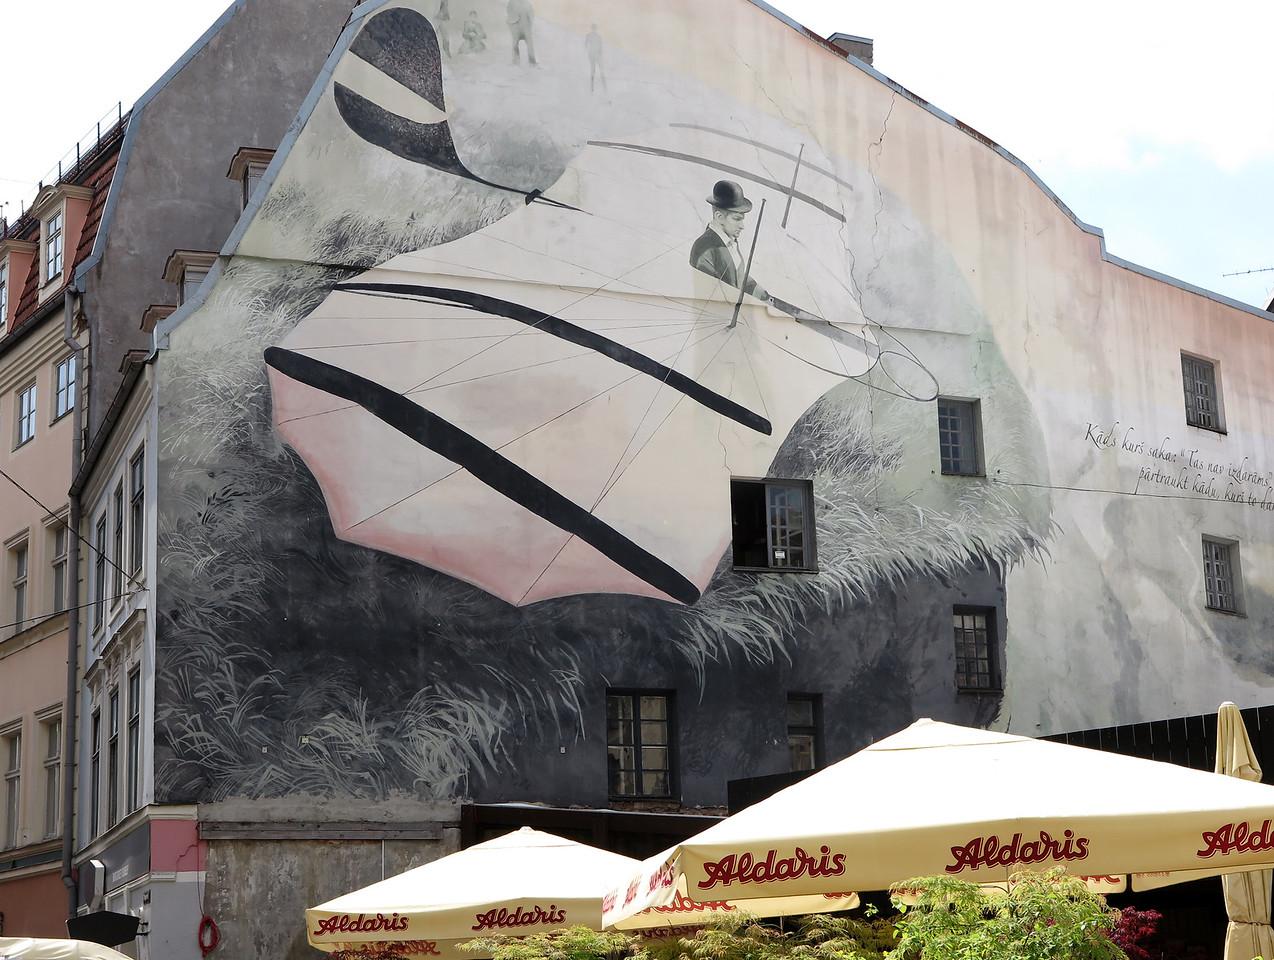 Street art in Riga, Latvia